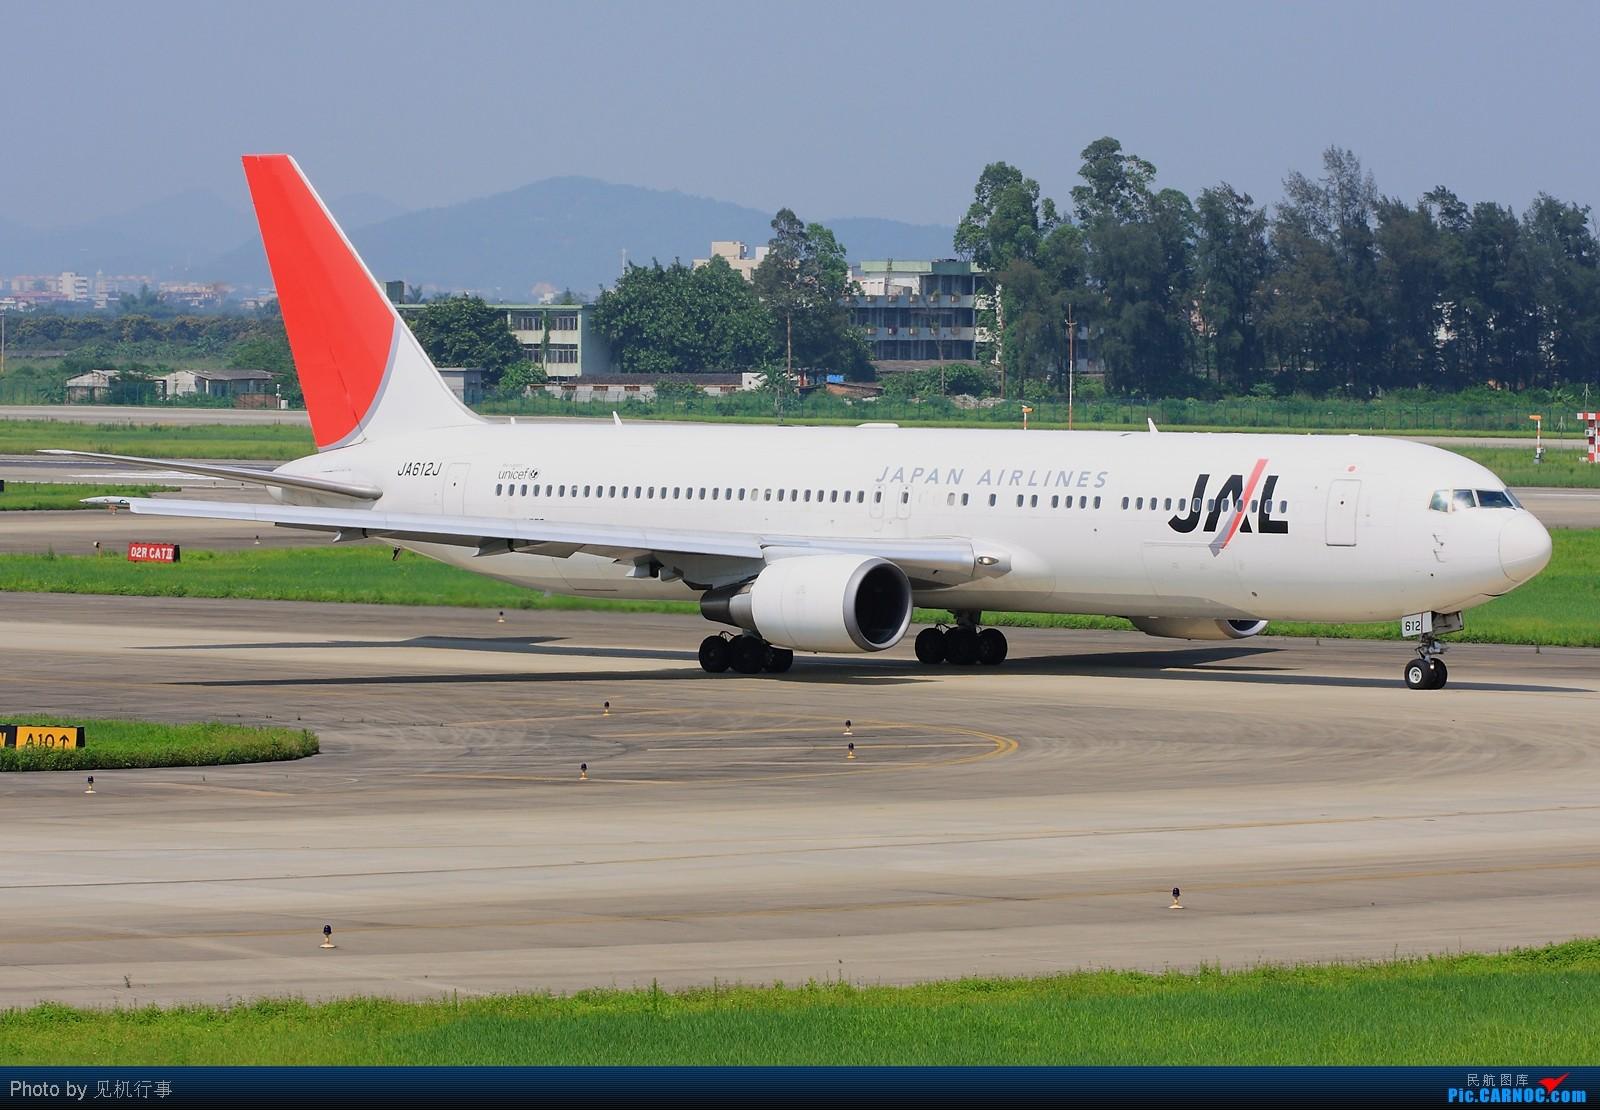 Re:[原创]【深圳飞友会】差点给这架飞机忽悠了!还以为是香港航空A330。看它前面是香港航空,看它后面是海南航空。不知道海航在搞什么名堂。 BOEING 767-300 JA612J 中国广州白云机场